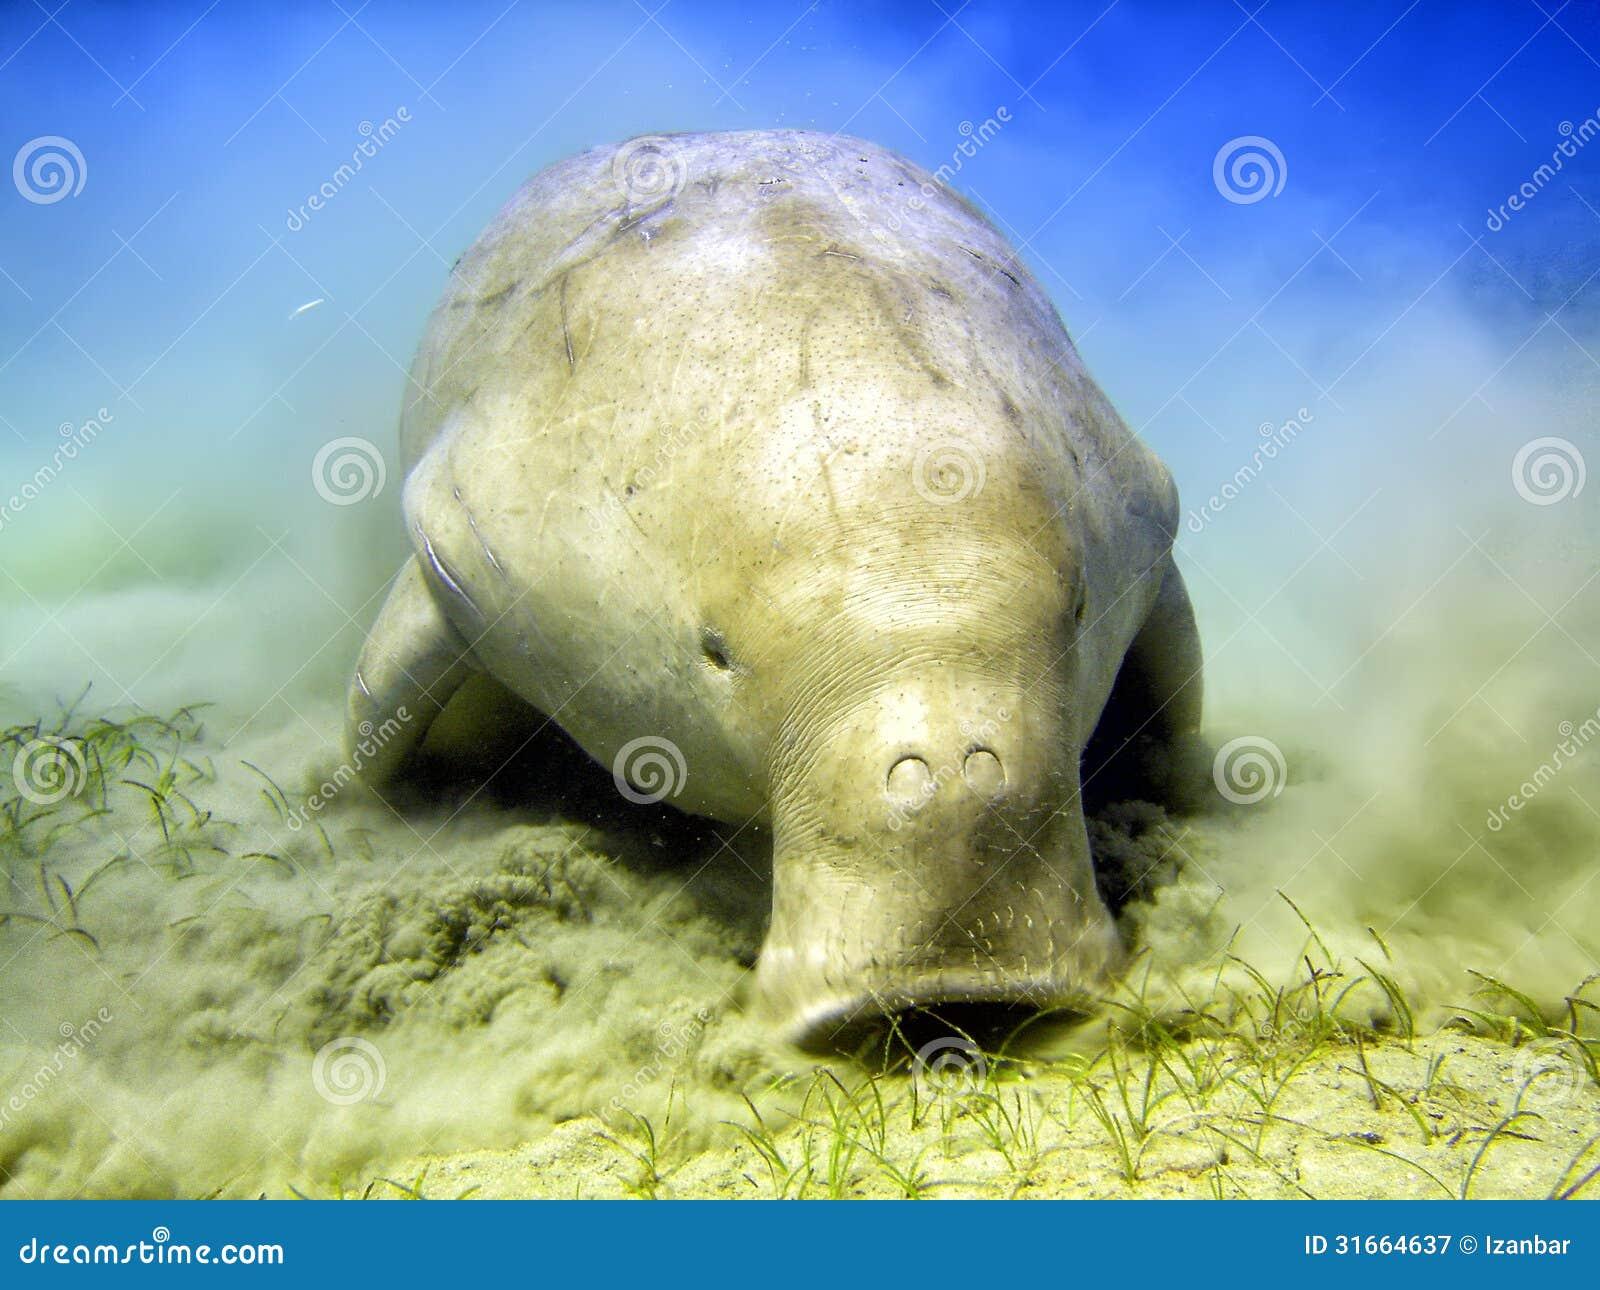 http://thumbs.dreamstime.com/z/vache-marine-de-dugongo-tout-en-creusant-le-sable-pour-la-nourriture-31664637.jpg